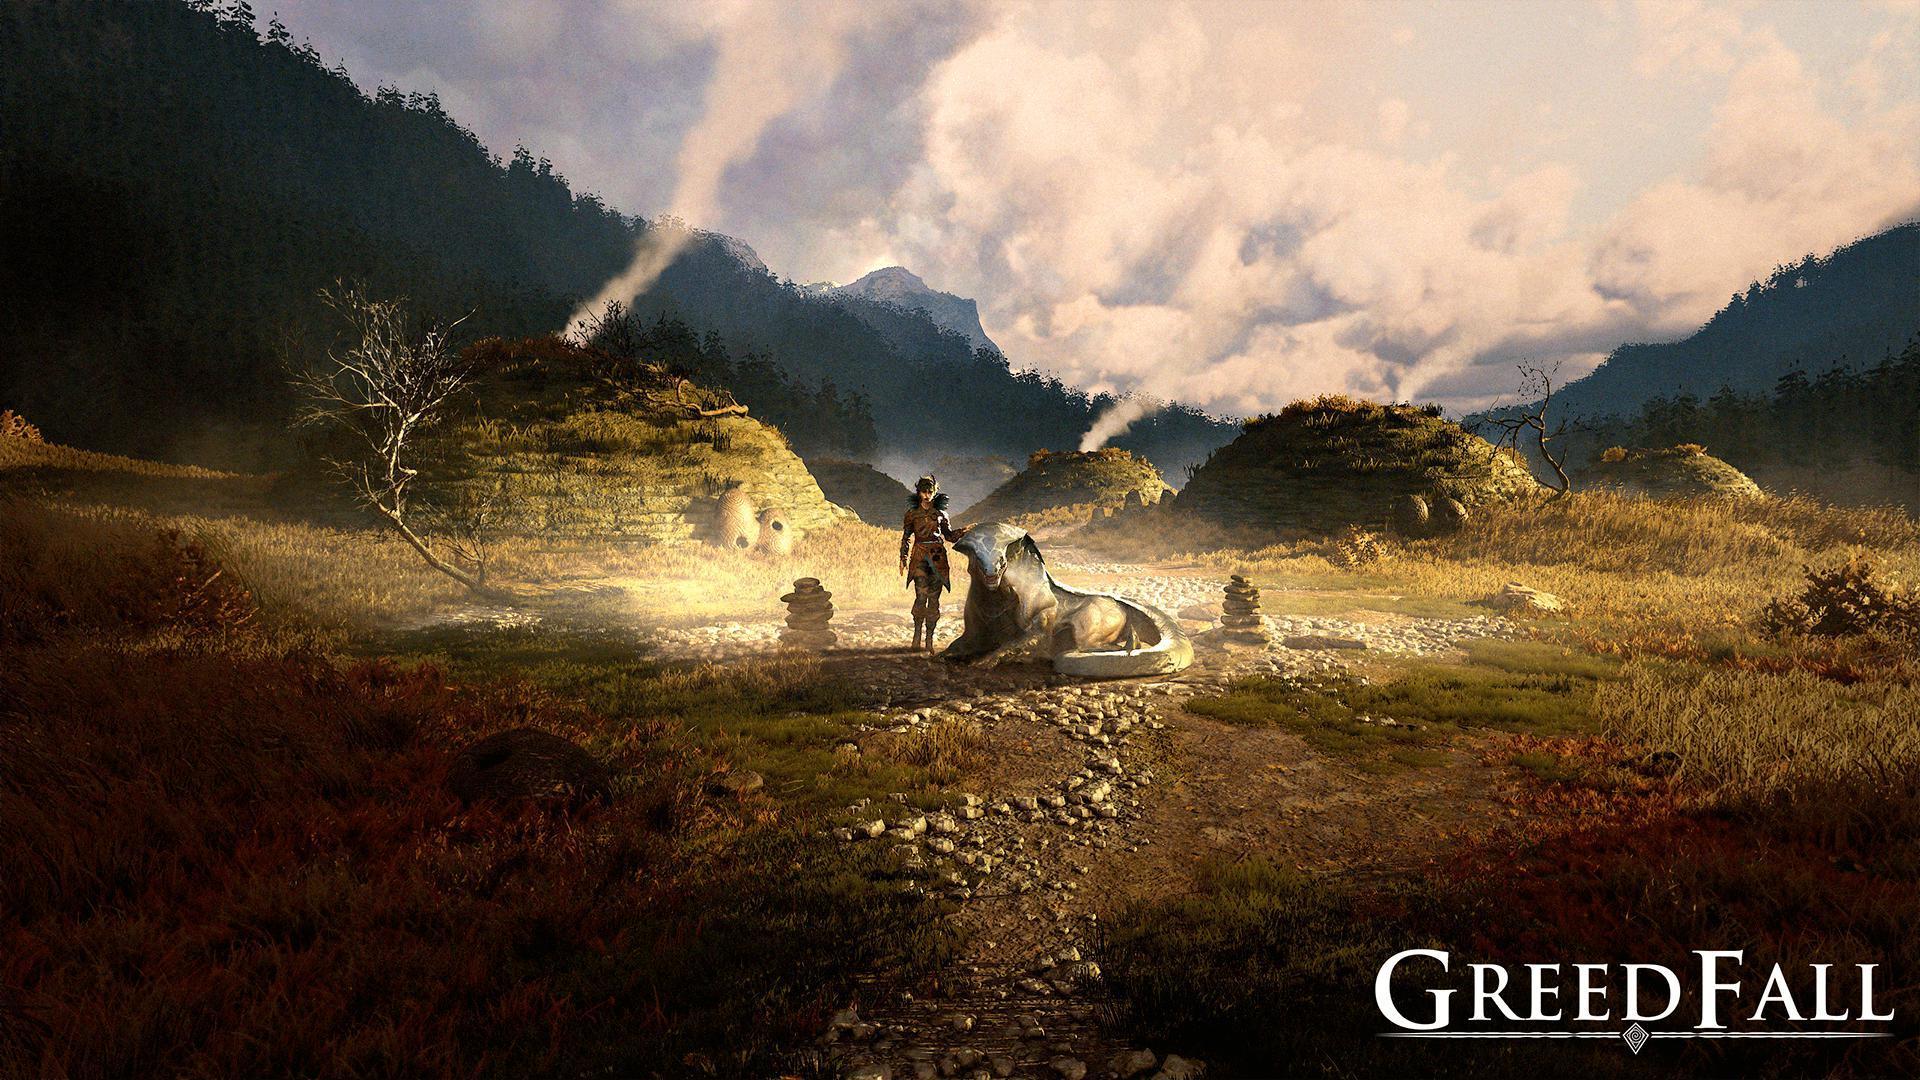 Greedfall Screenshot 2